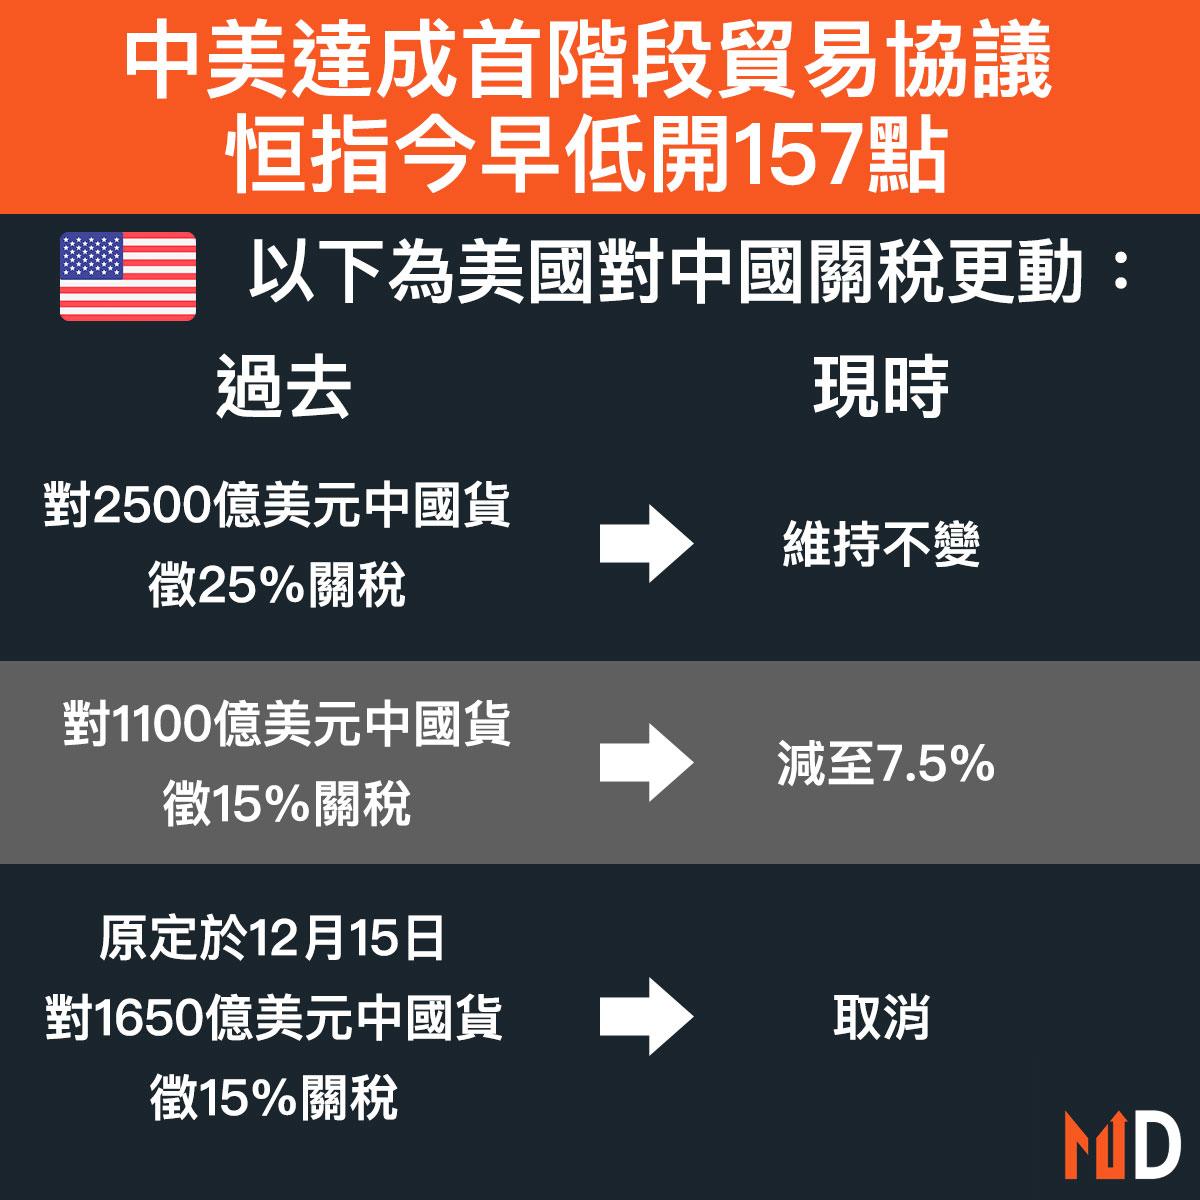 【中美貿易戰】中美達成首階段貿易協議,恒指今早低開157點